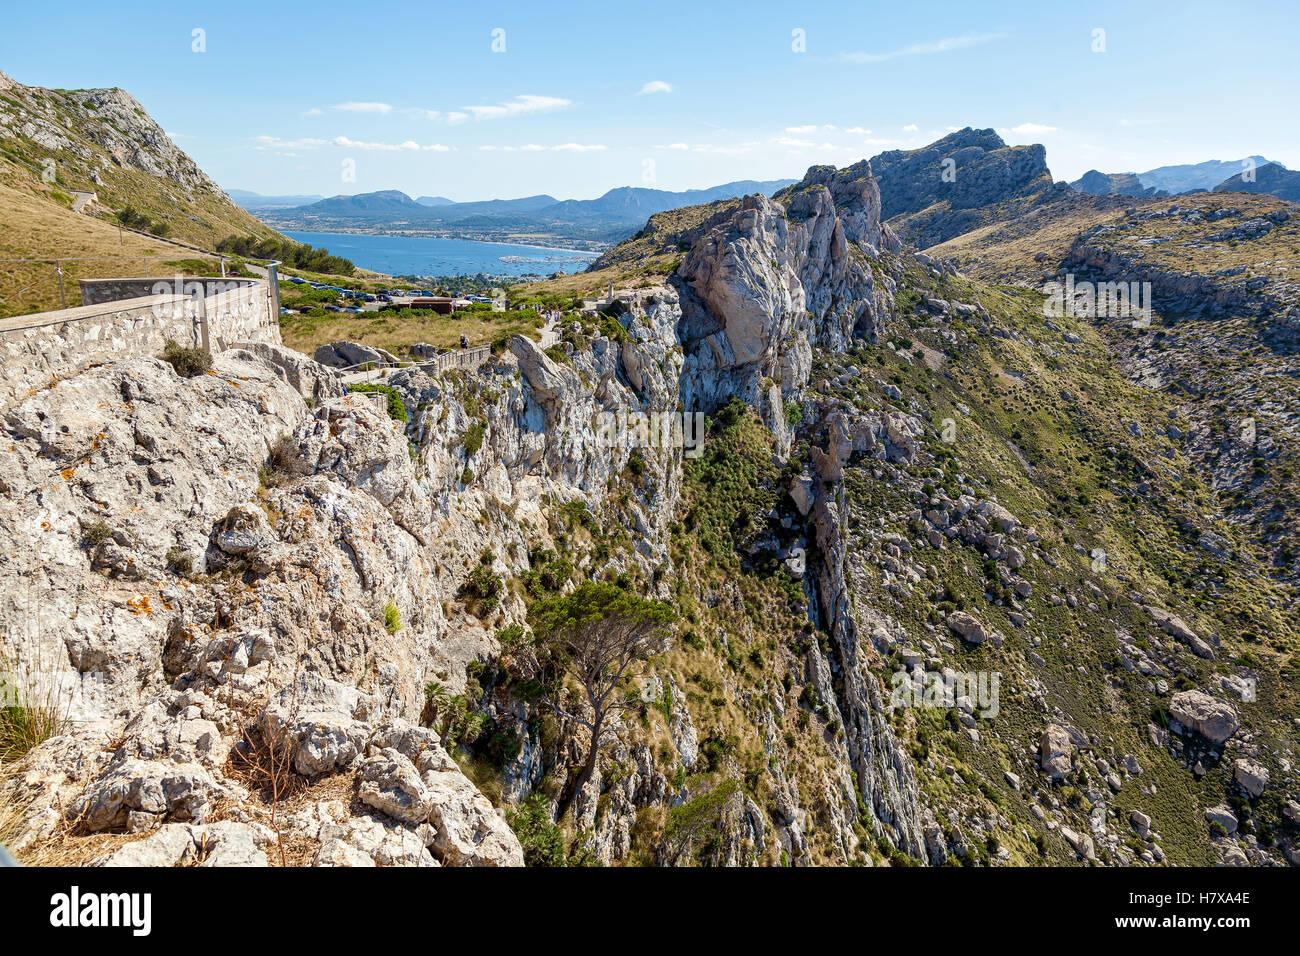 Grat. Grat mit einer Aussichtsplattform ist eine gewundene Auffahrt und bietet einen herrlichen Blick. Stockbild